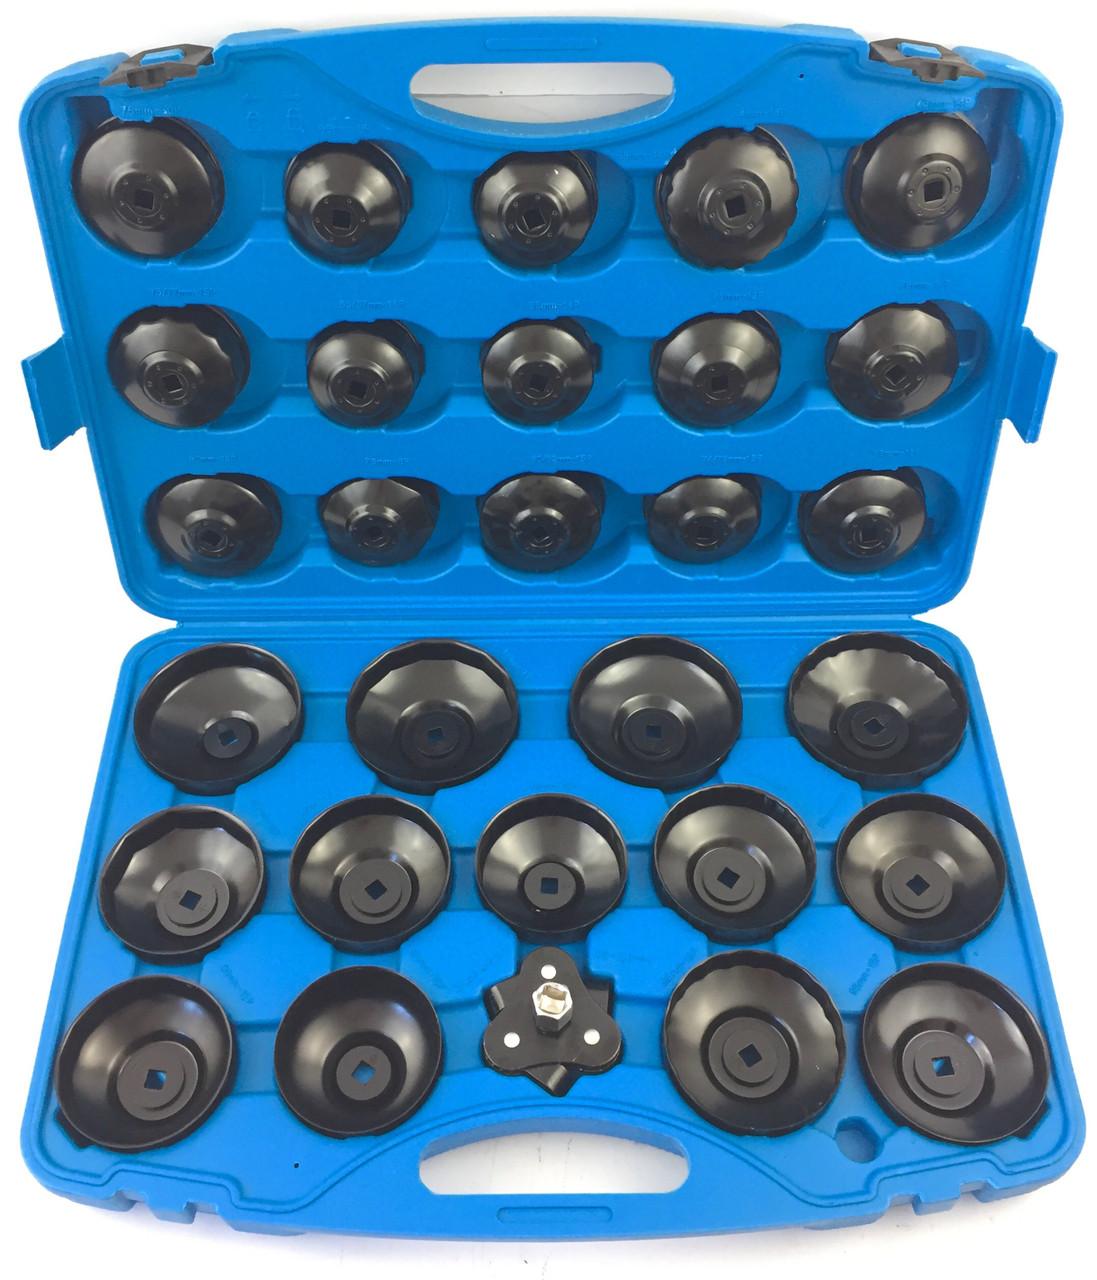 Набор съемников масляных фильтров Falcon 30 ед.